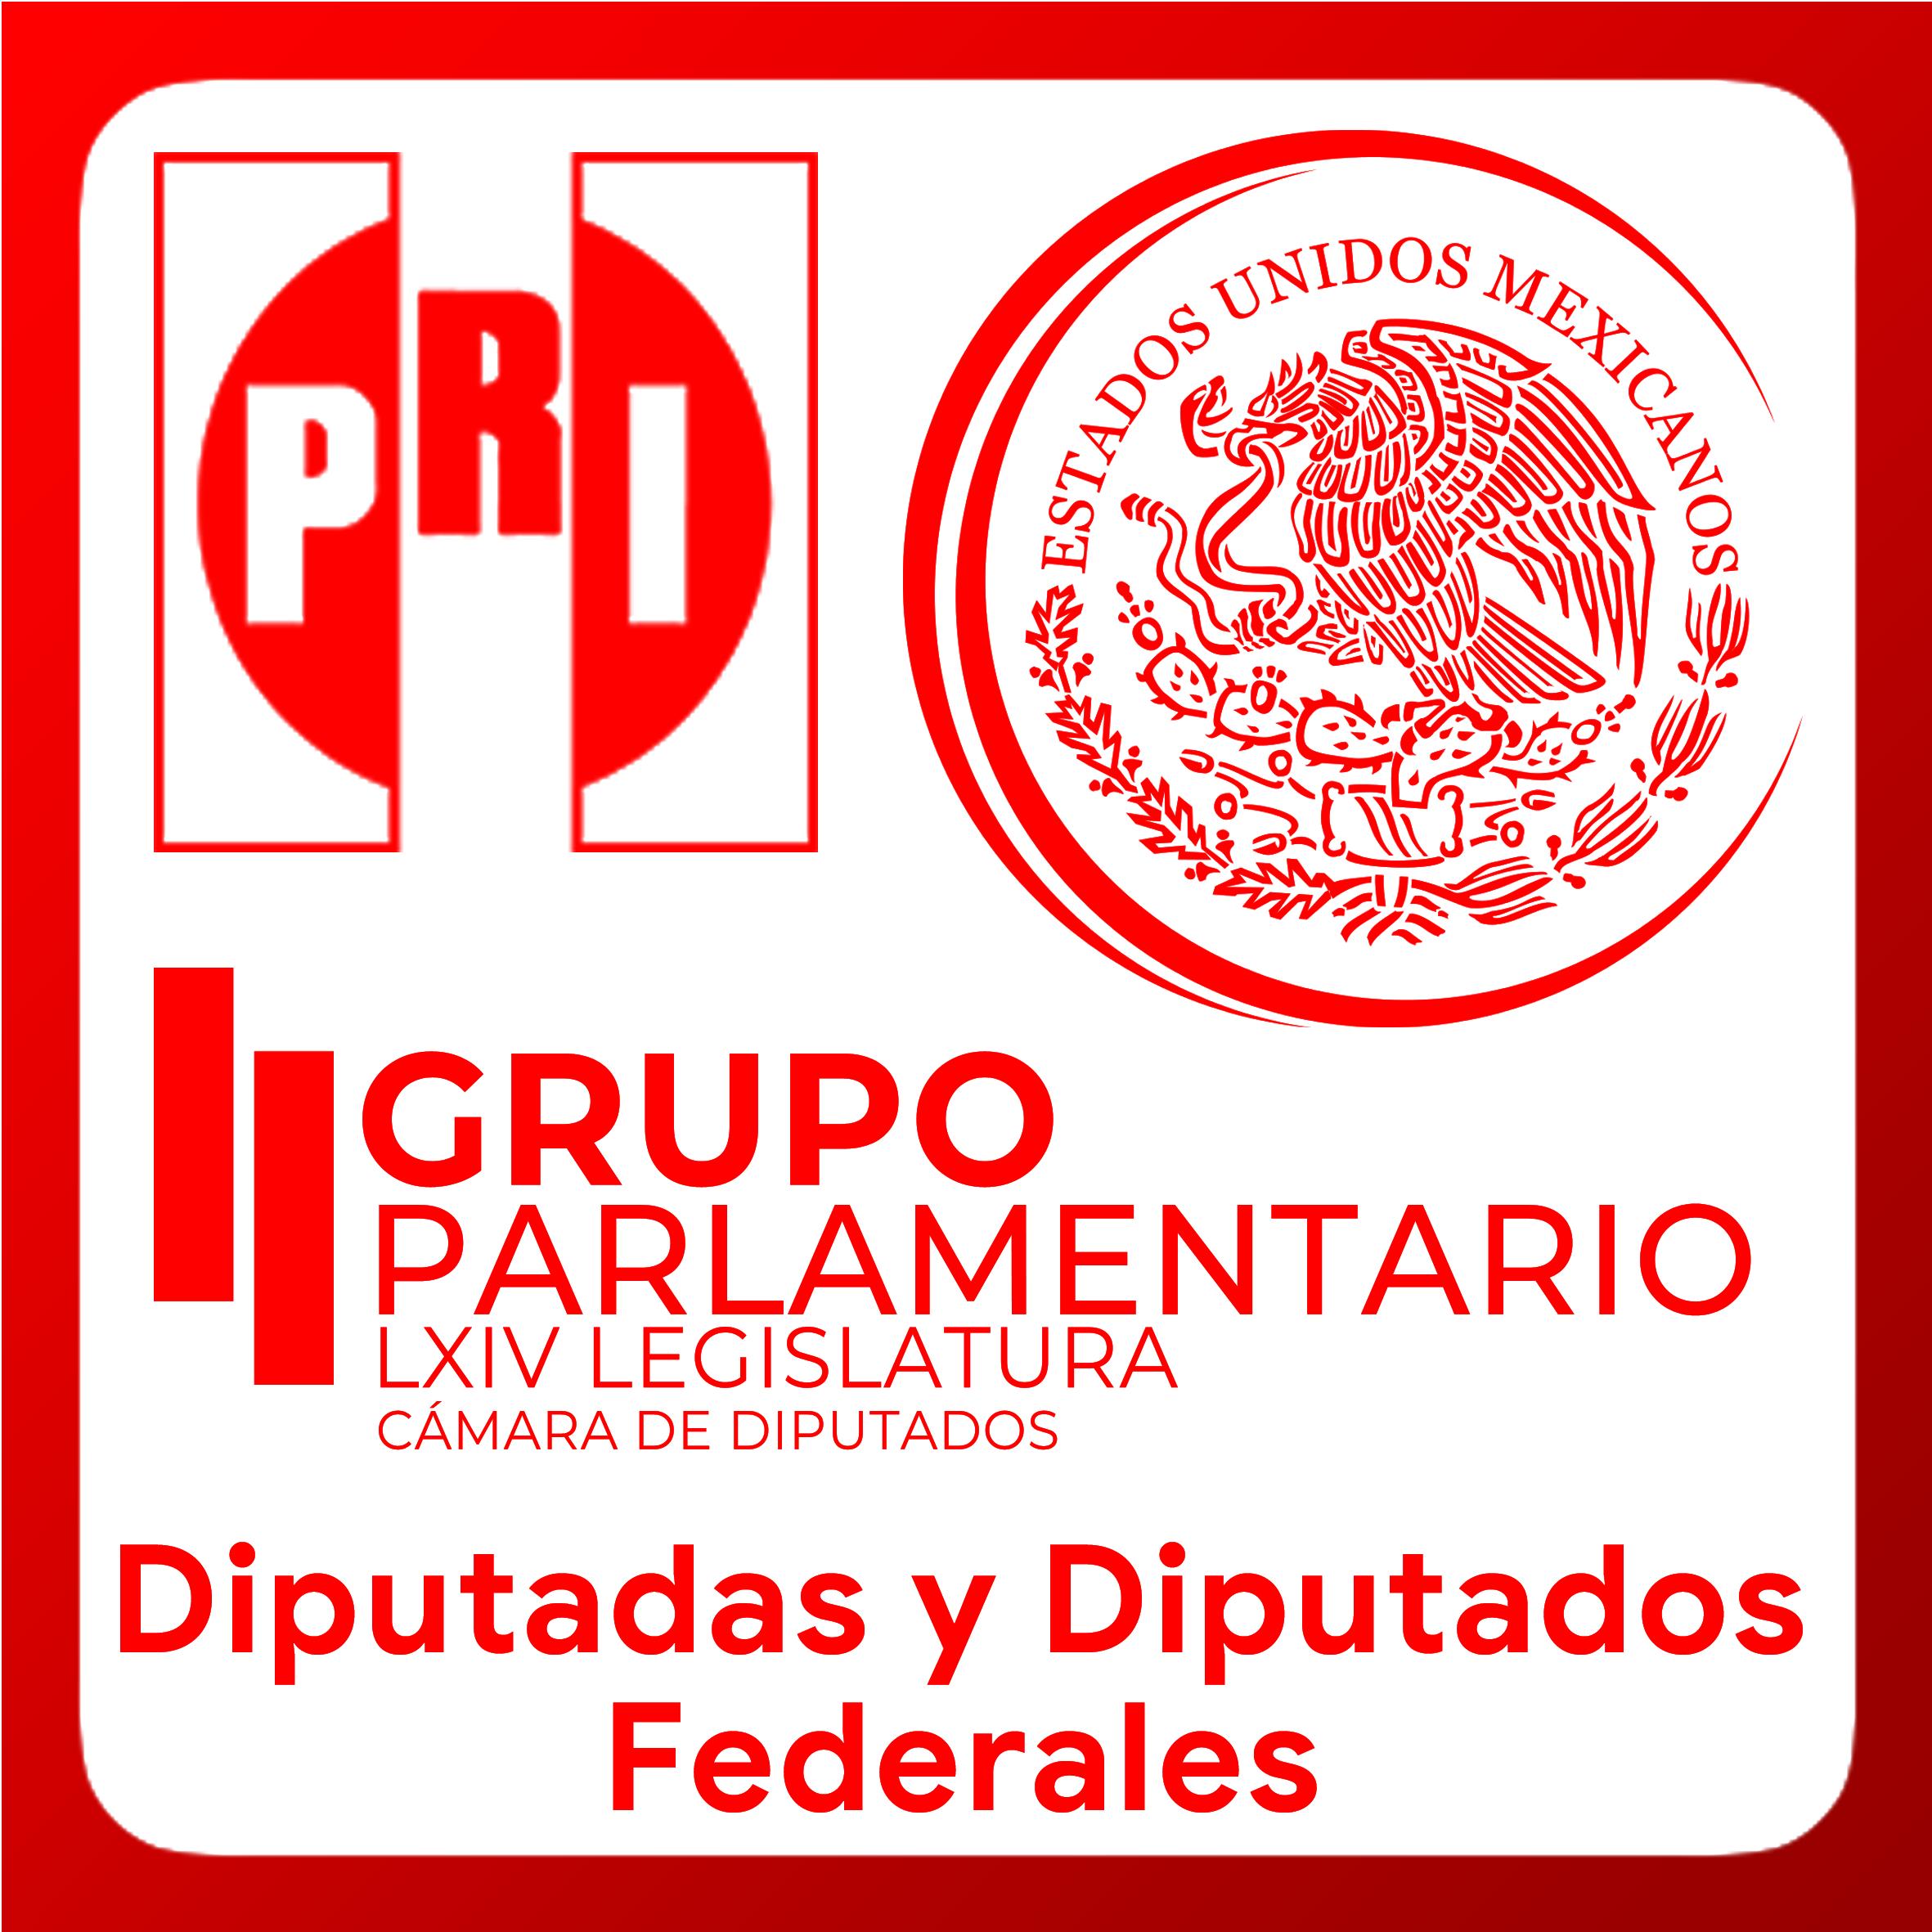 Boton activable de Diputadas y Diputados Federales